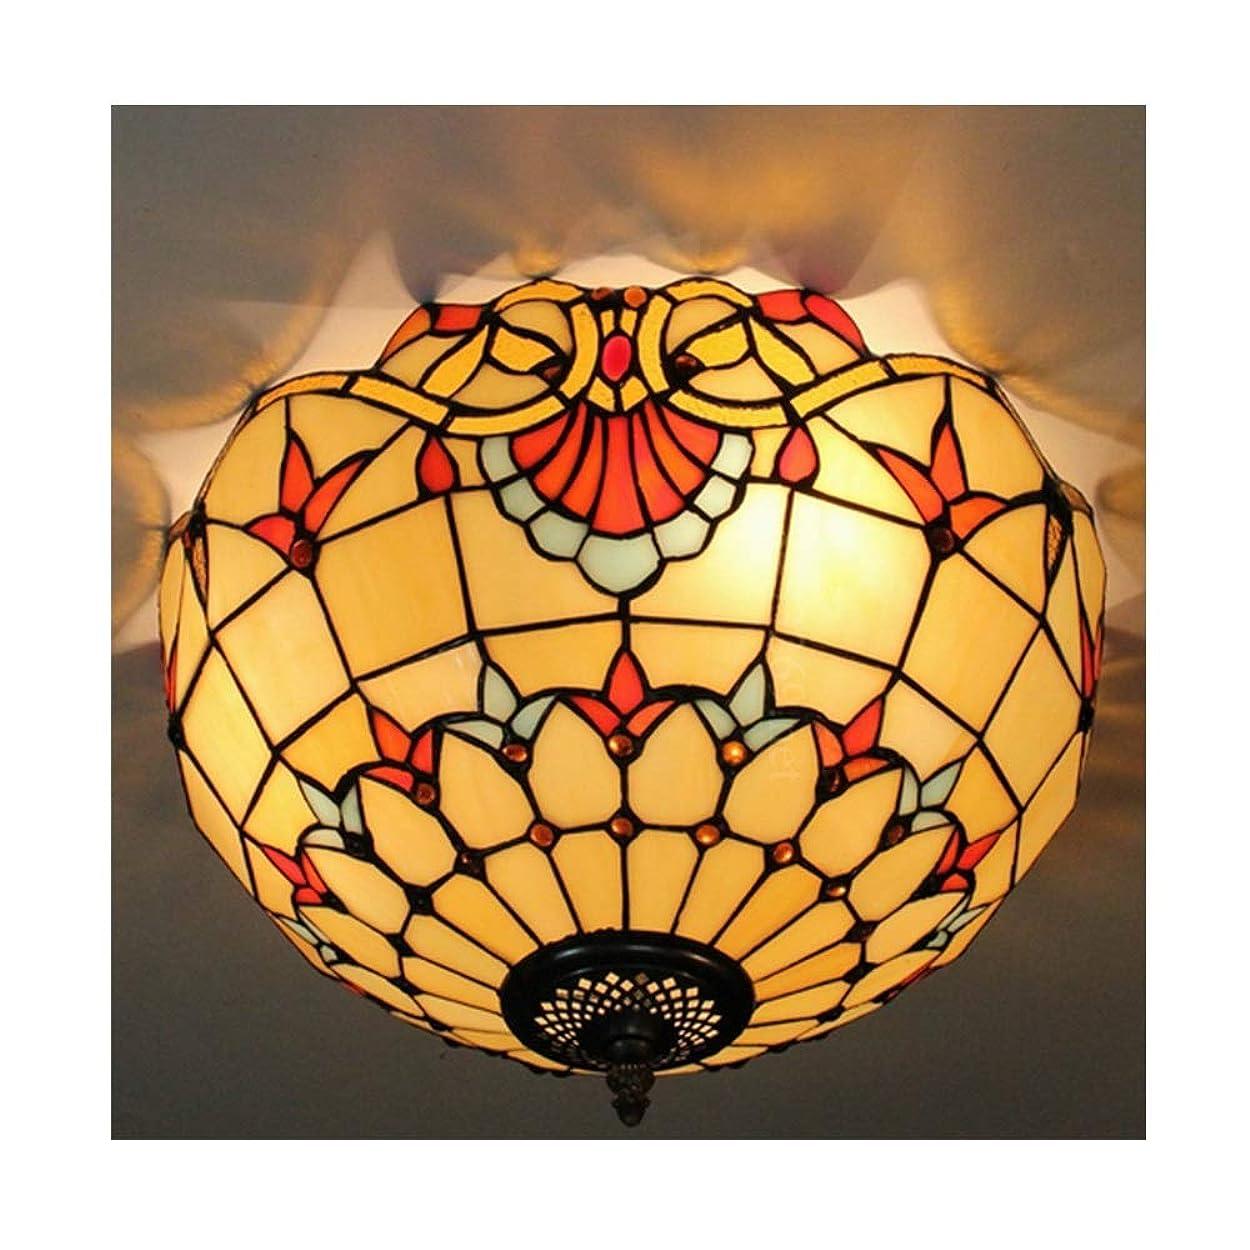 訪問エキゾチック製造16インチティファニーアンティーク手作り天井ランプ付きモダンミニマリストデザイン装飾ホームオフィスランプ